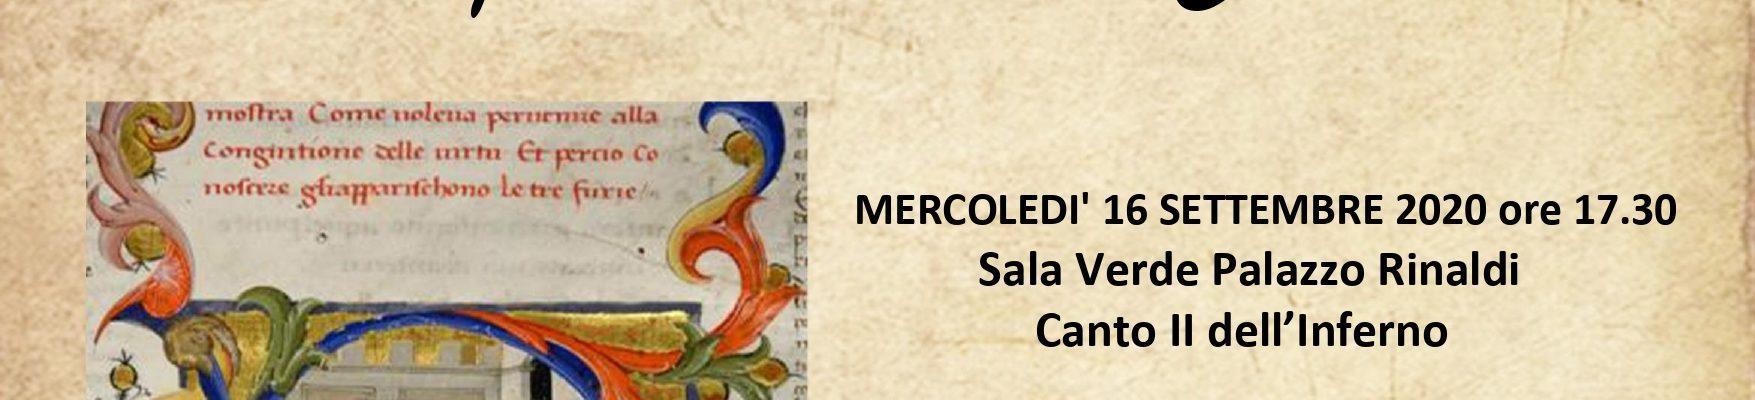 """16.09.20   Lecturae Dantis""""I Canti proemiali della Commedia.""""-Canto II Inferno a cura di G.De Conti"""